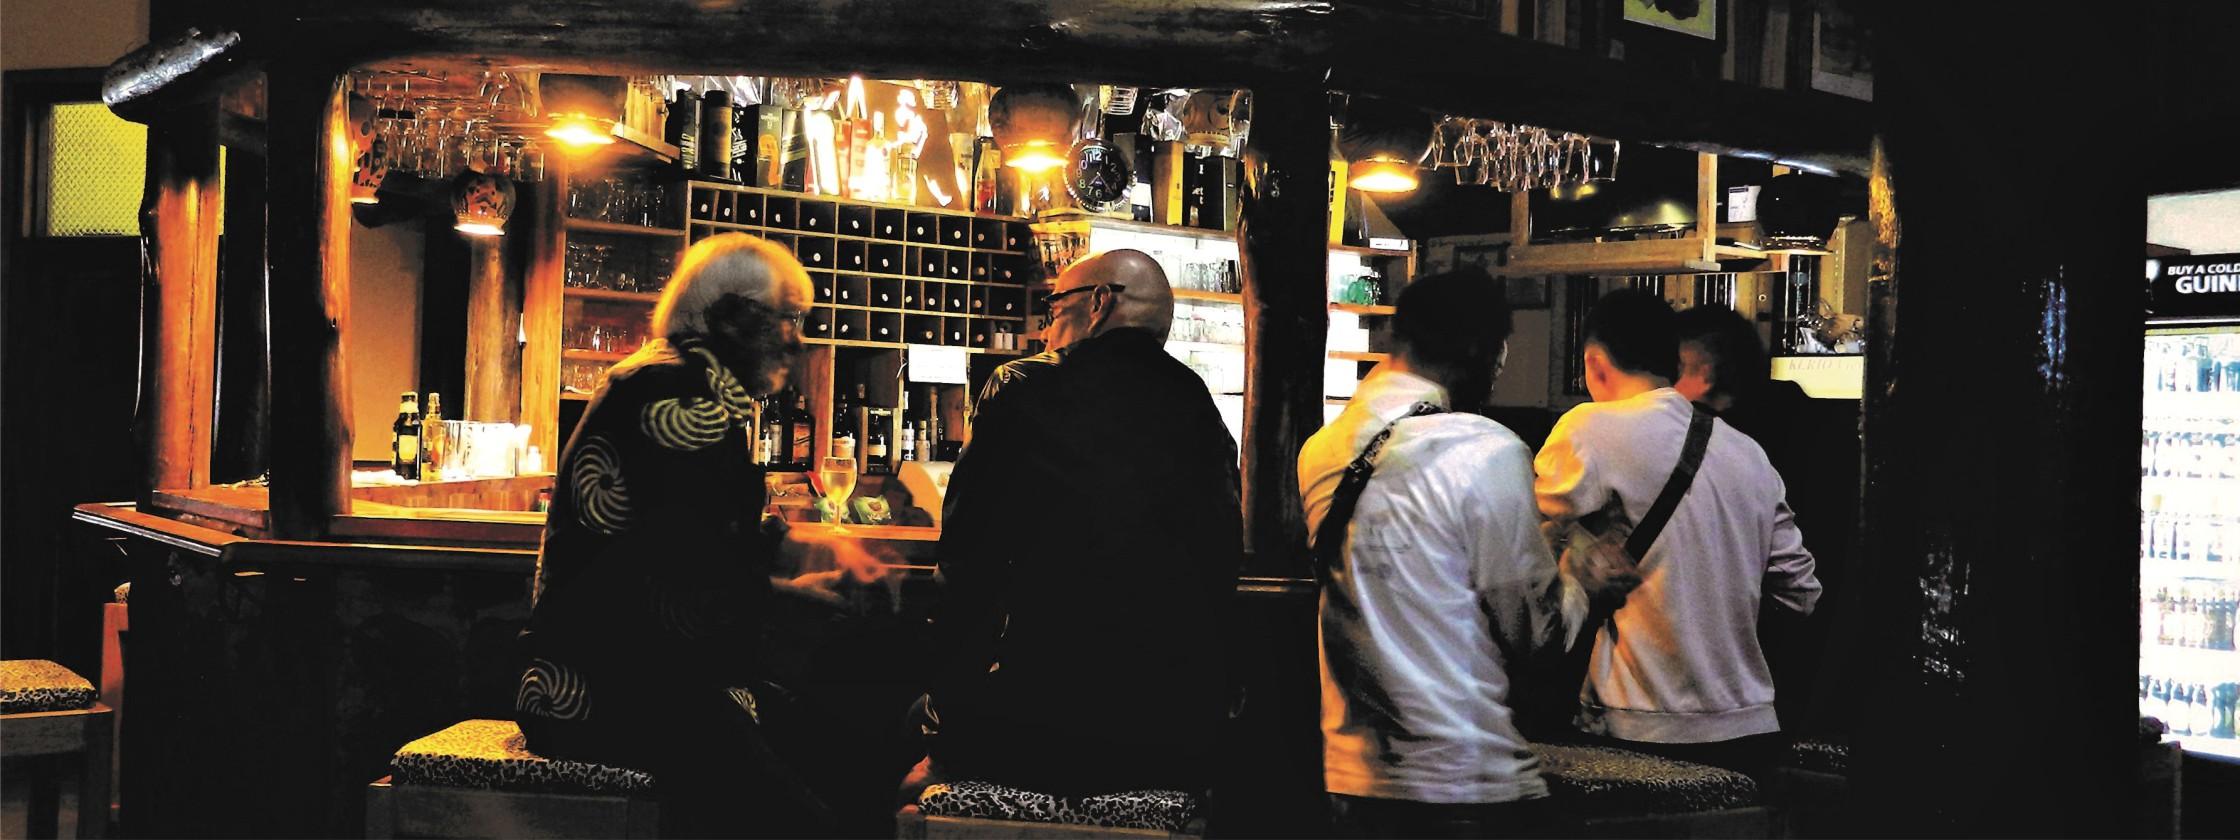 KV Bar